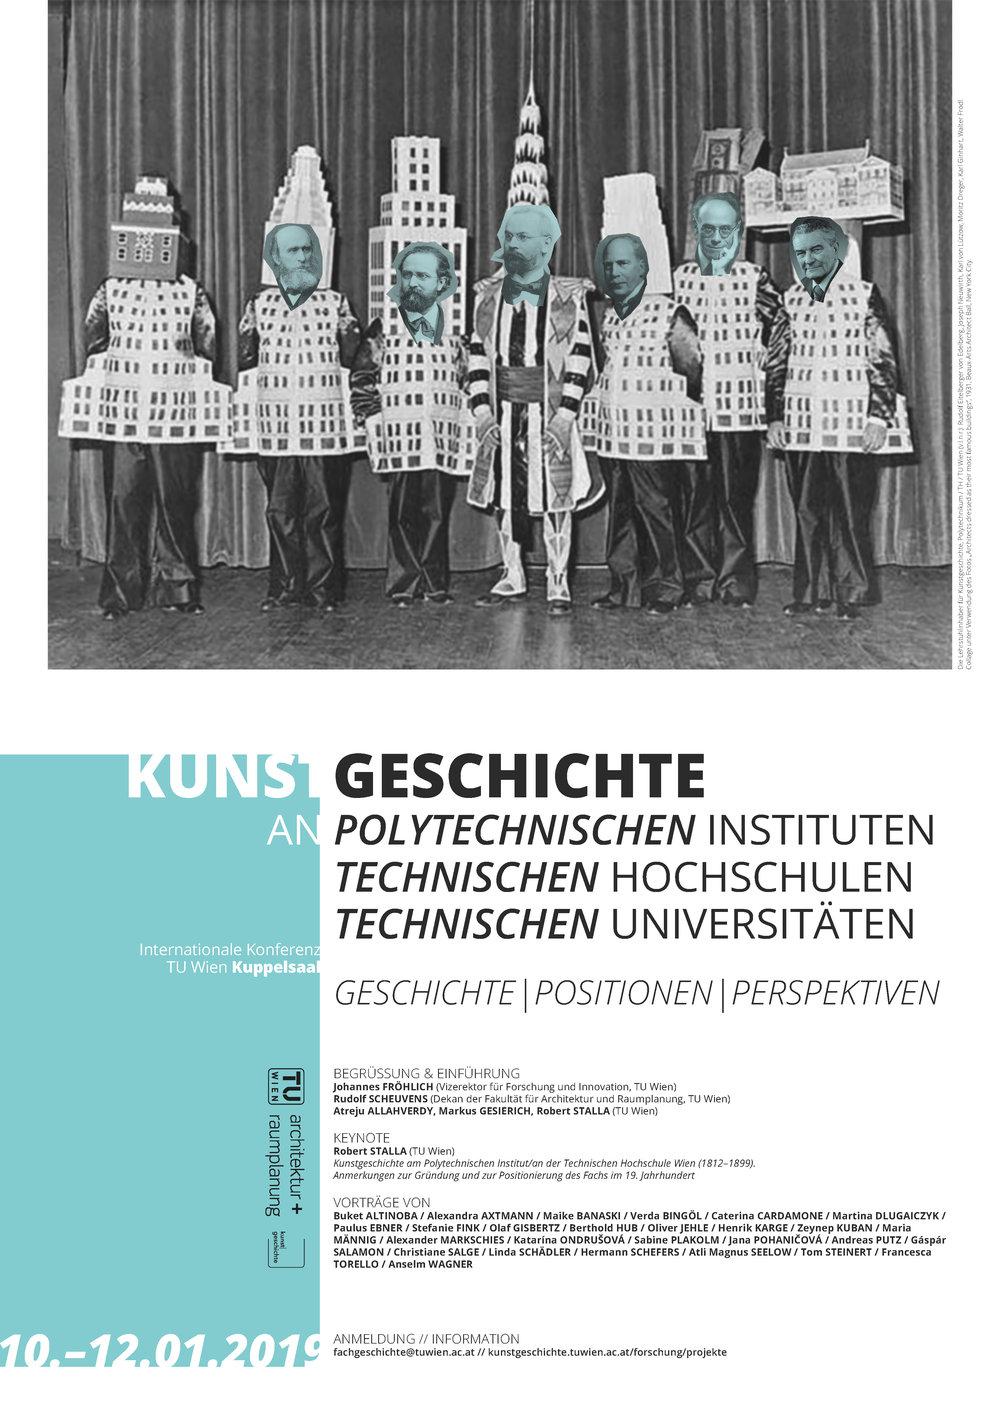 Fachgeschichte_01-19_Poster.jpg